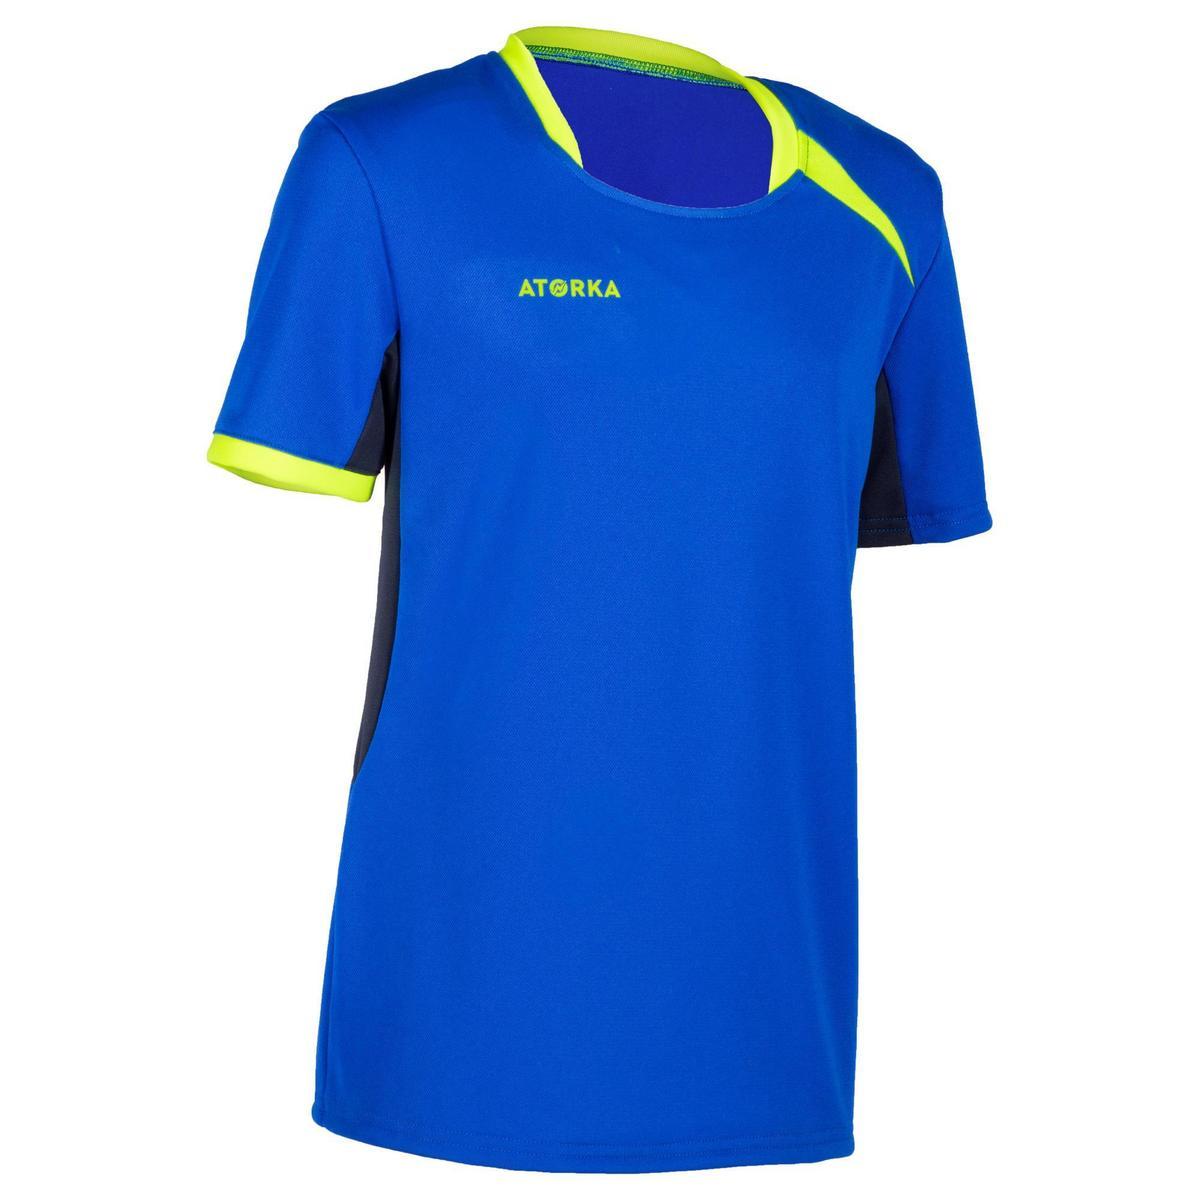 Bild 1 von Handballtrikot H100 Kinder blau/gelb